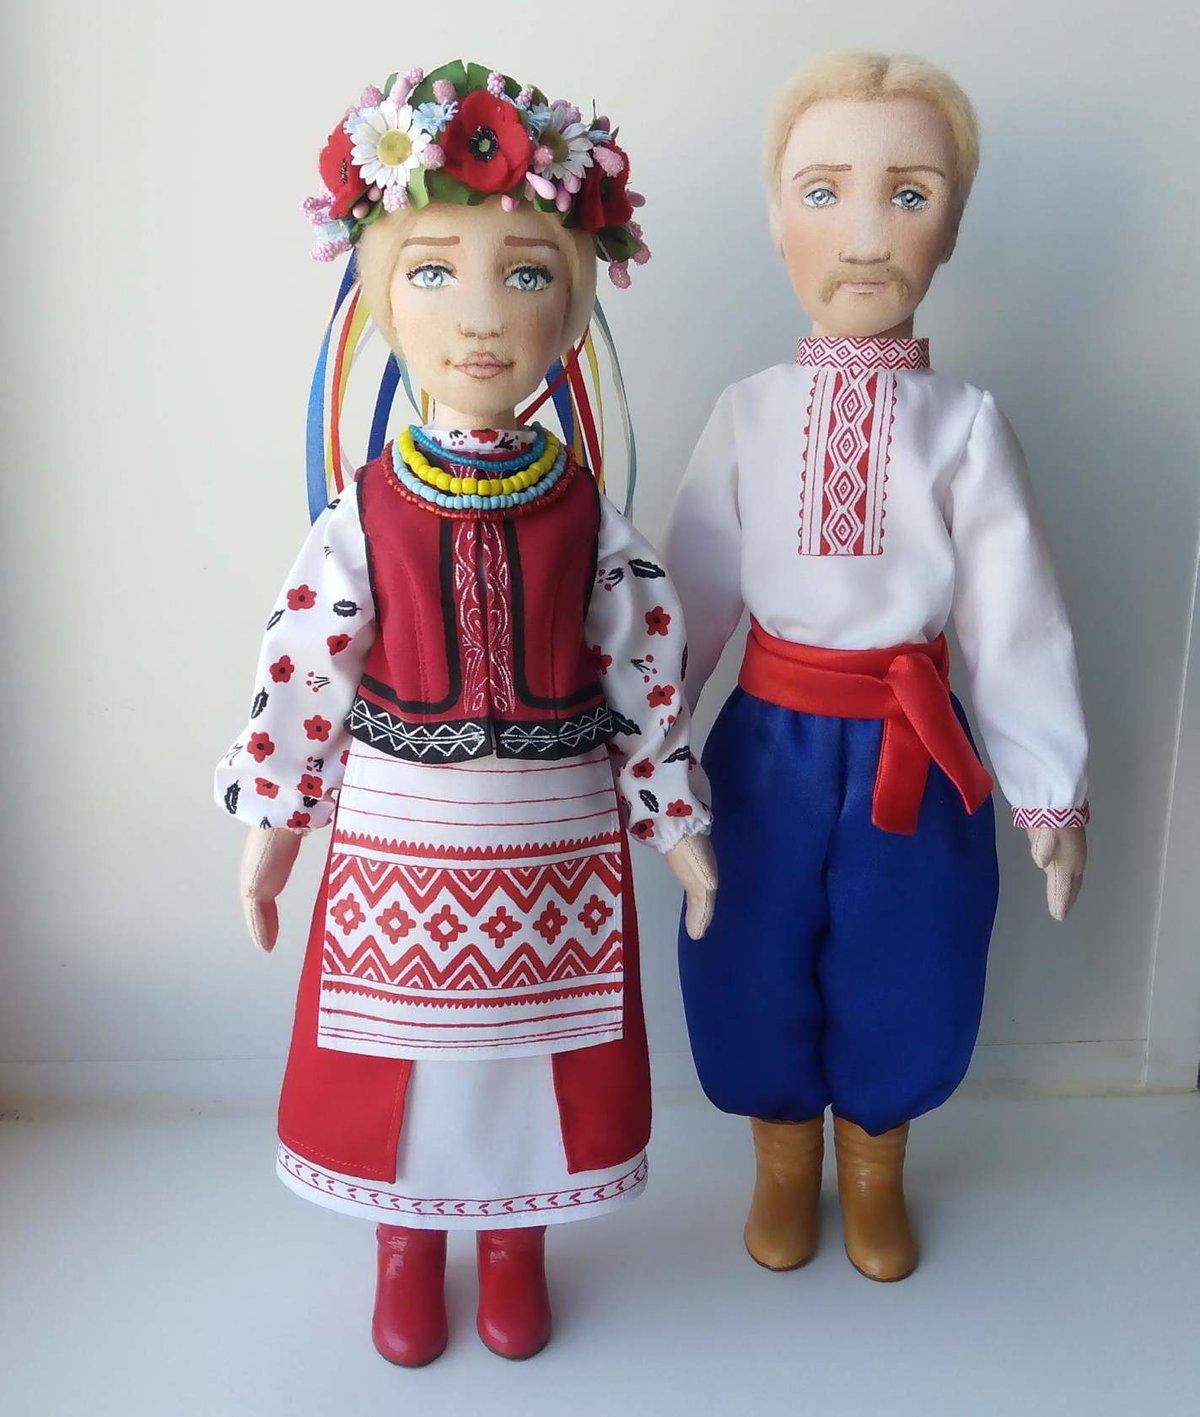 Картинки куклы в национальных костюмах россии